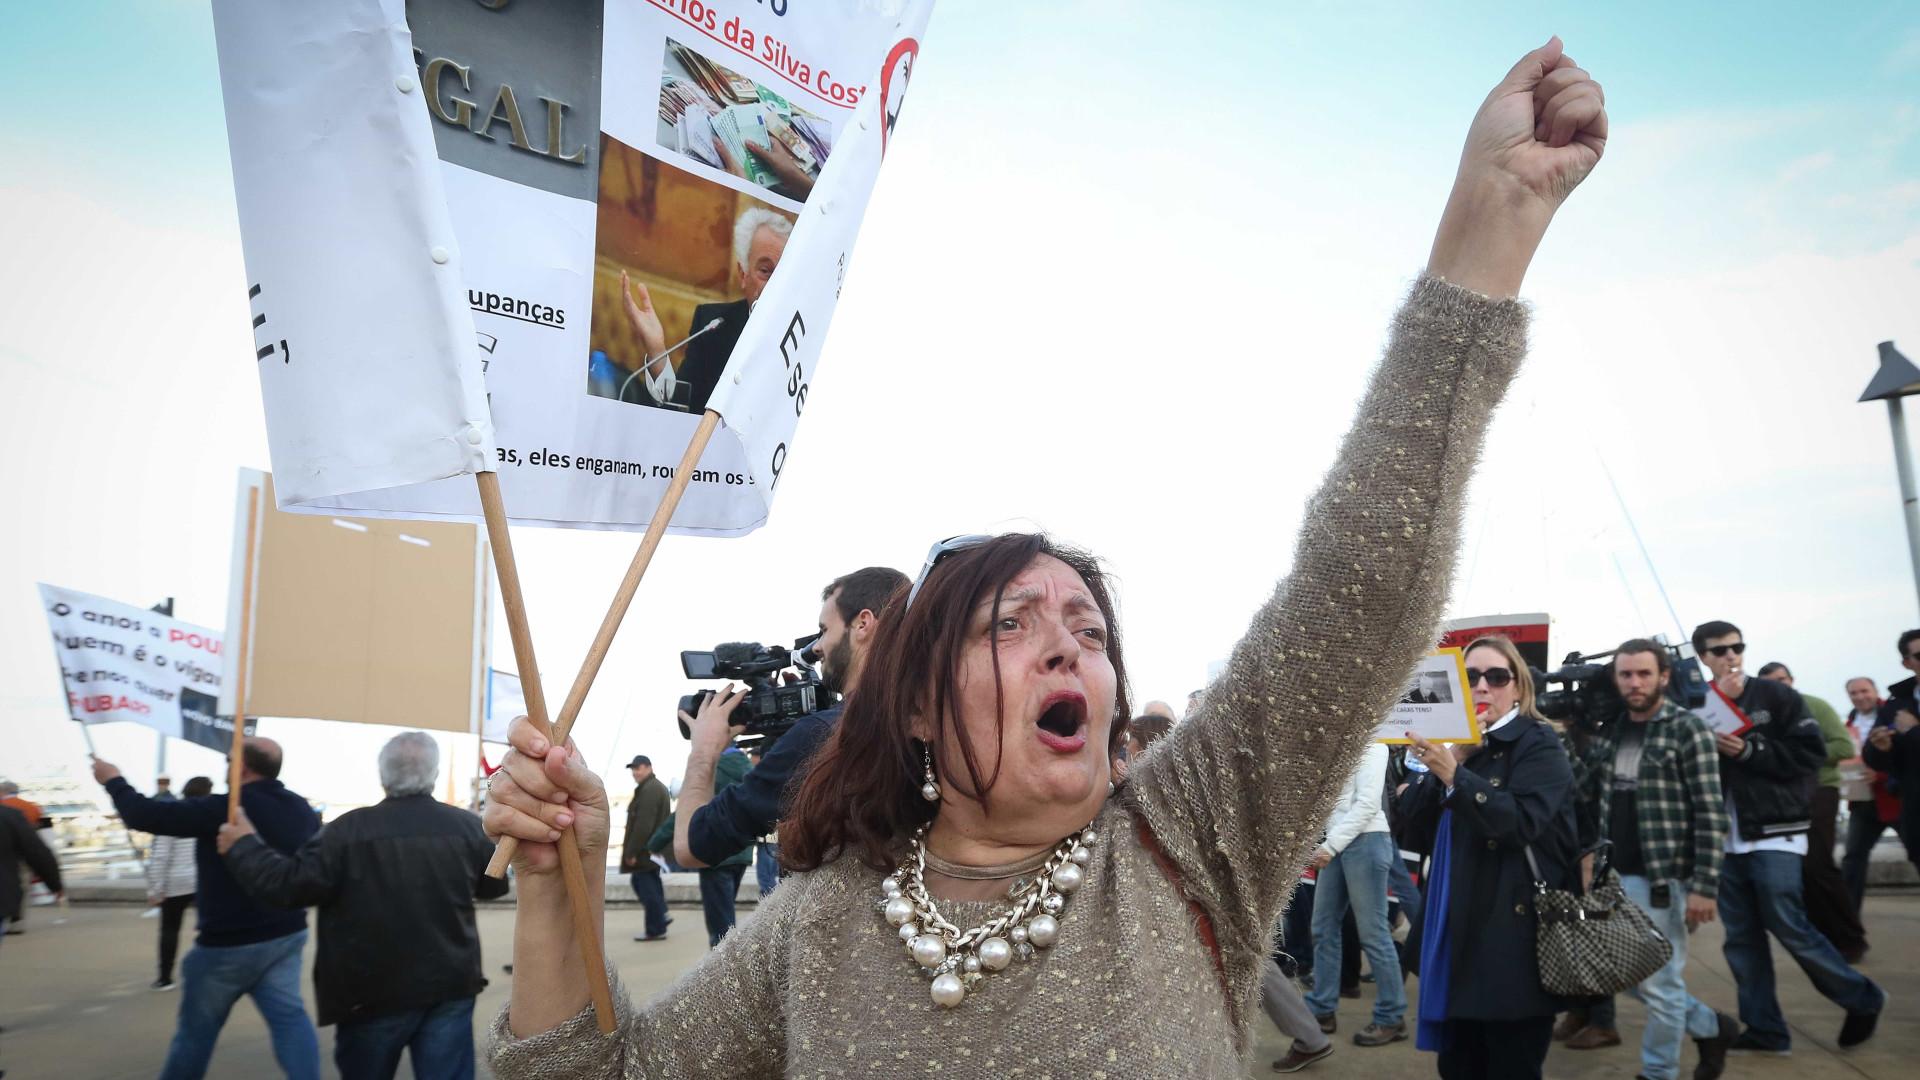 Lesados em protesto em Espinho para reaver verbas investidas no BES